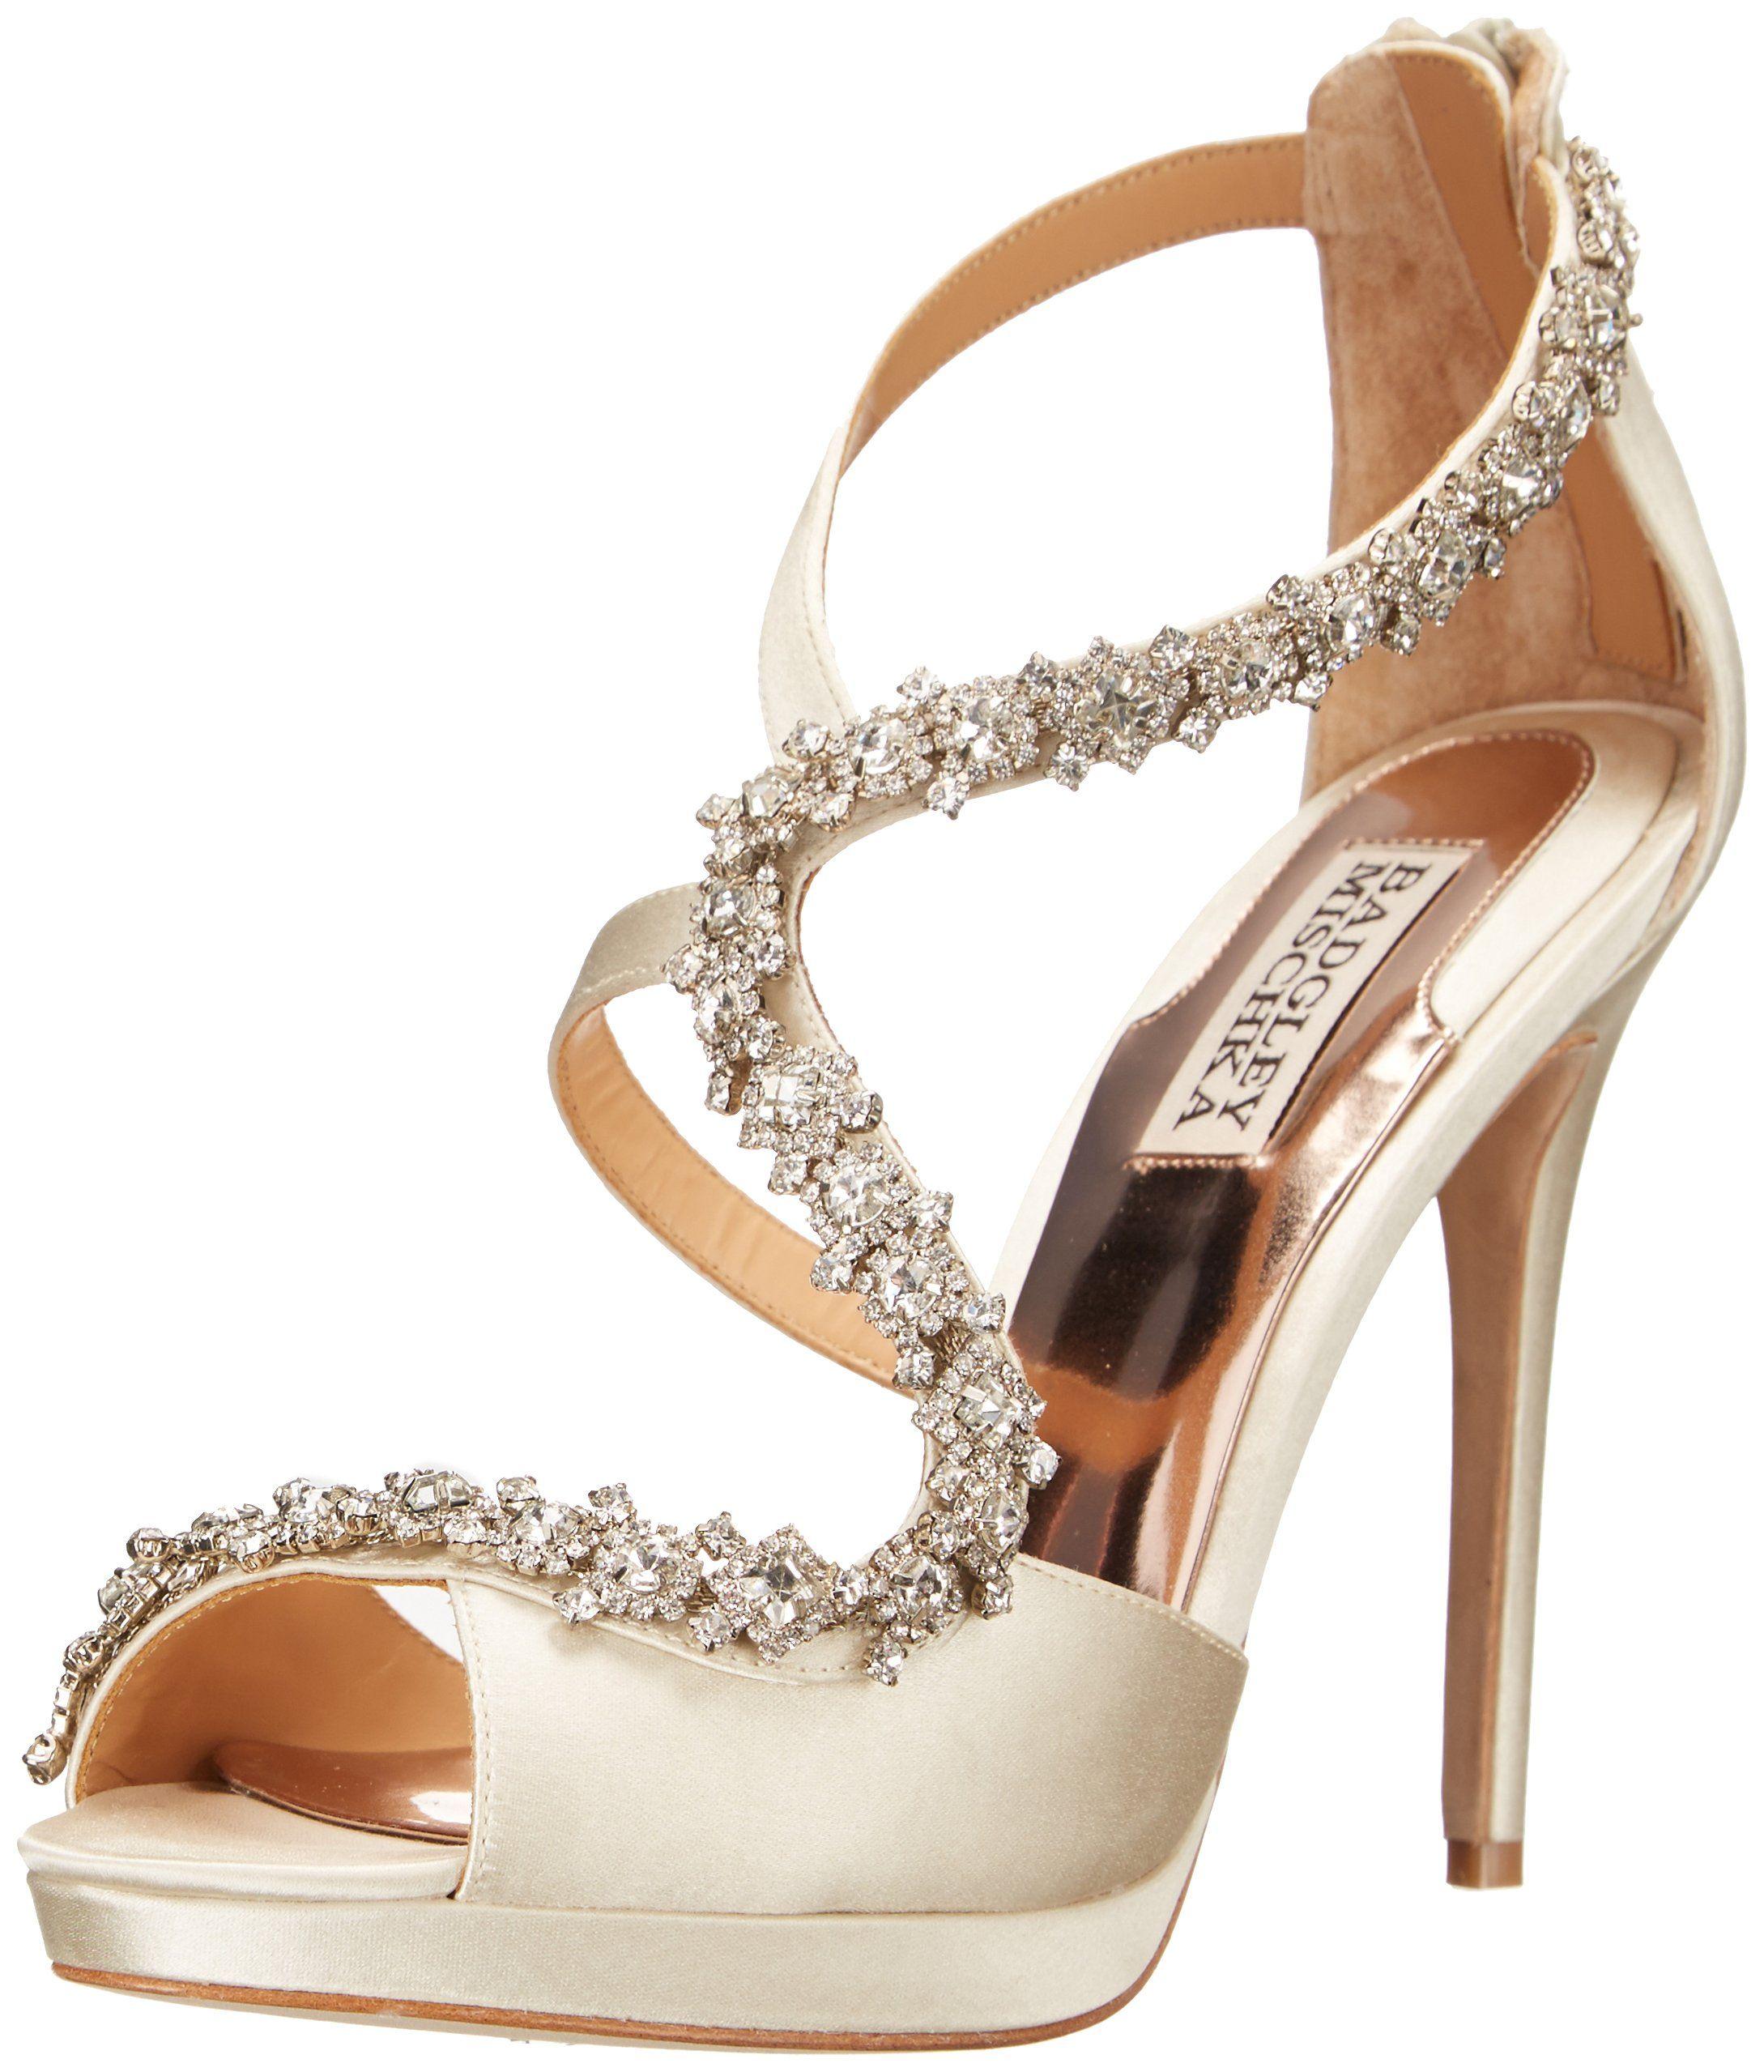 13++ Platform wedding shoes designer info